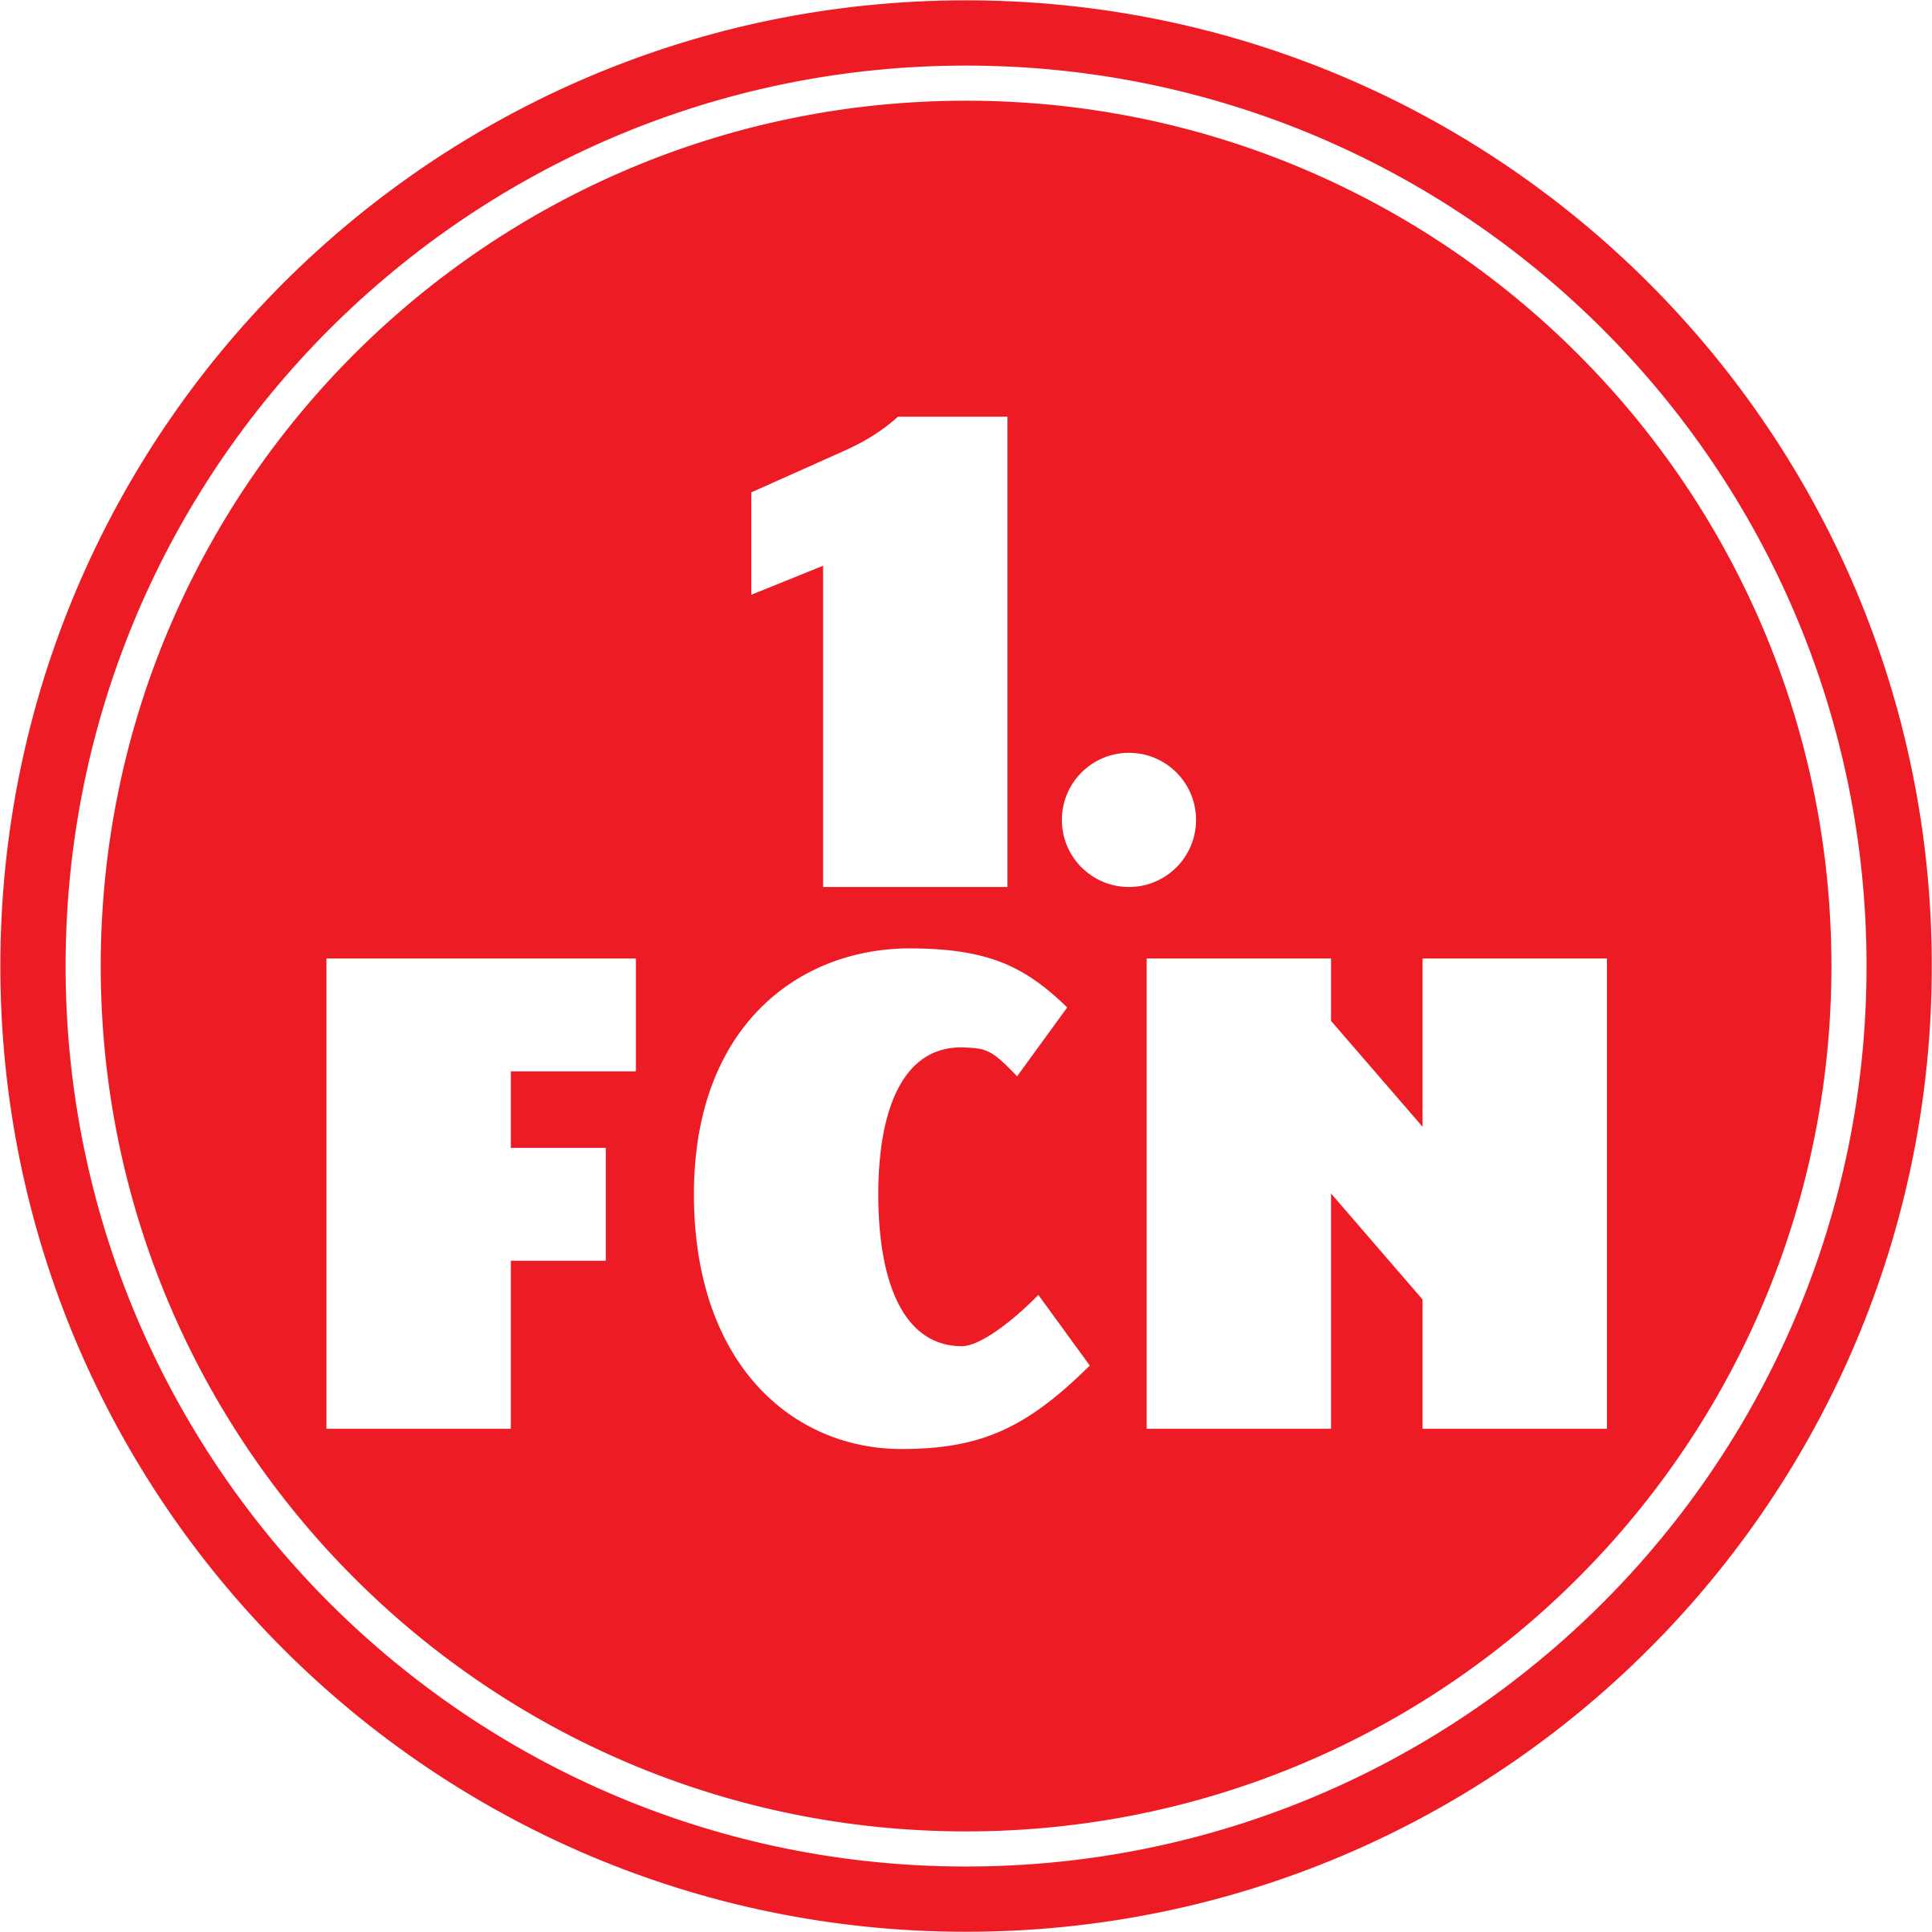 Fcn logo 1980.png